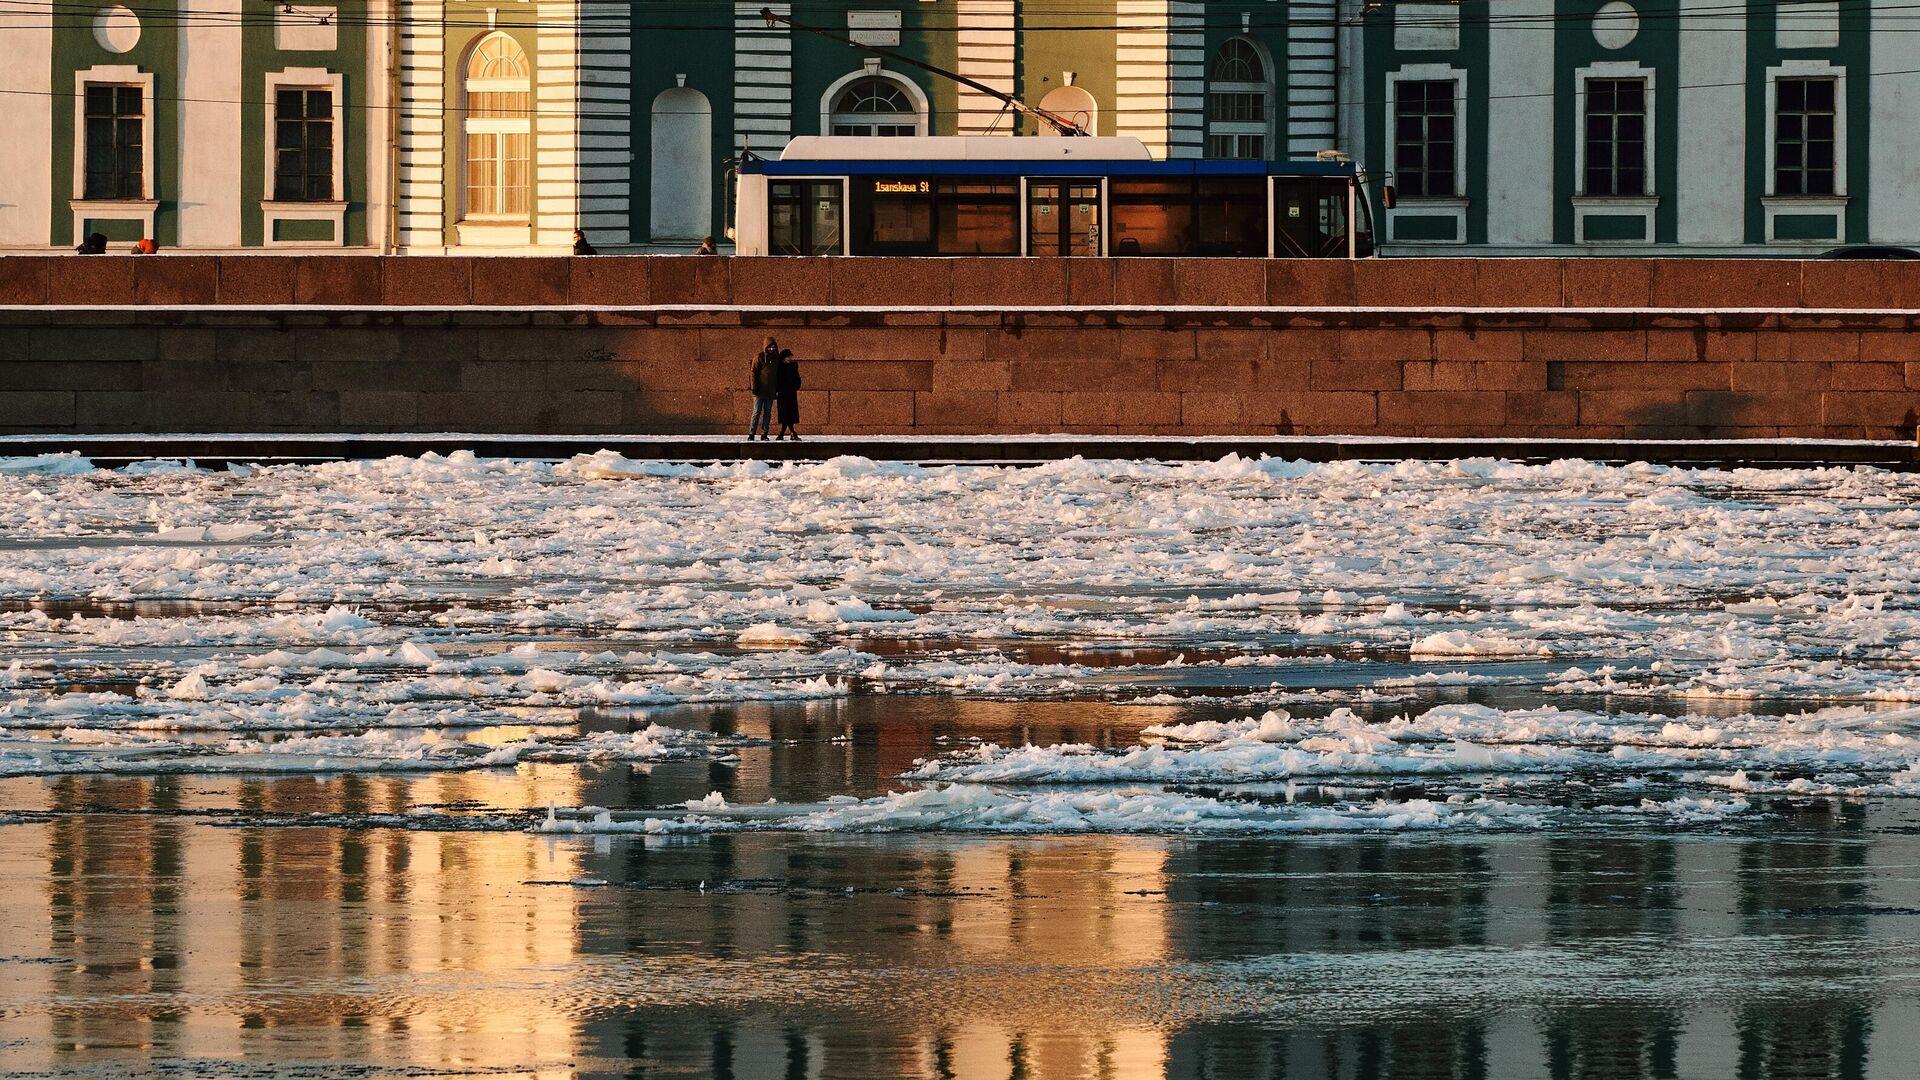 Люди на набережной в Санкт-Петербурге - РИА Новости, 1920, 15.12.2020